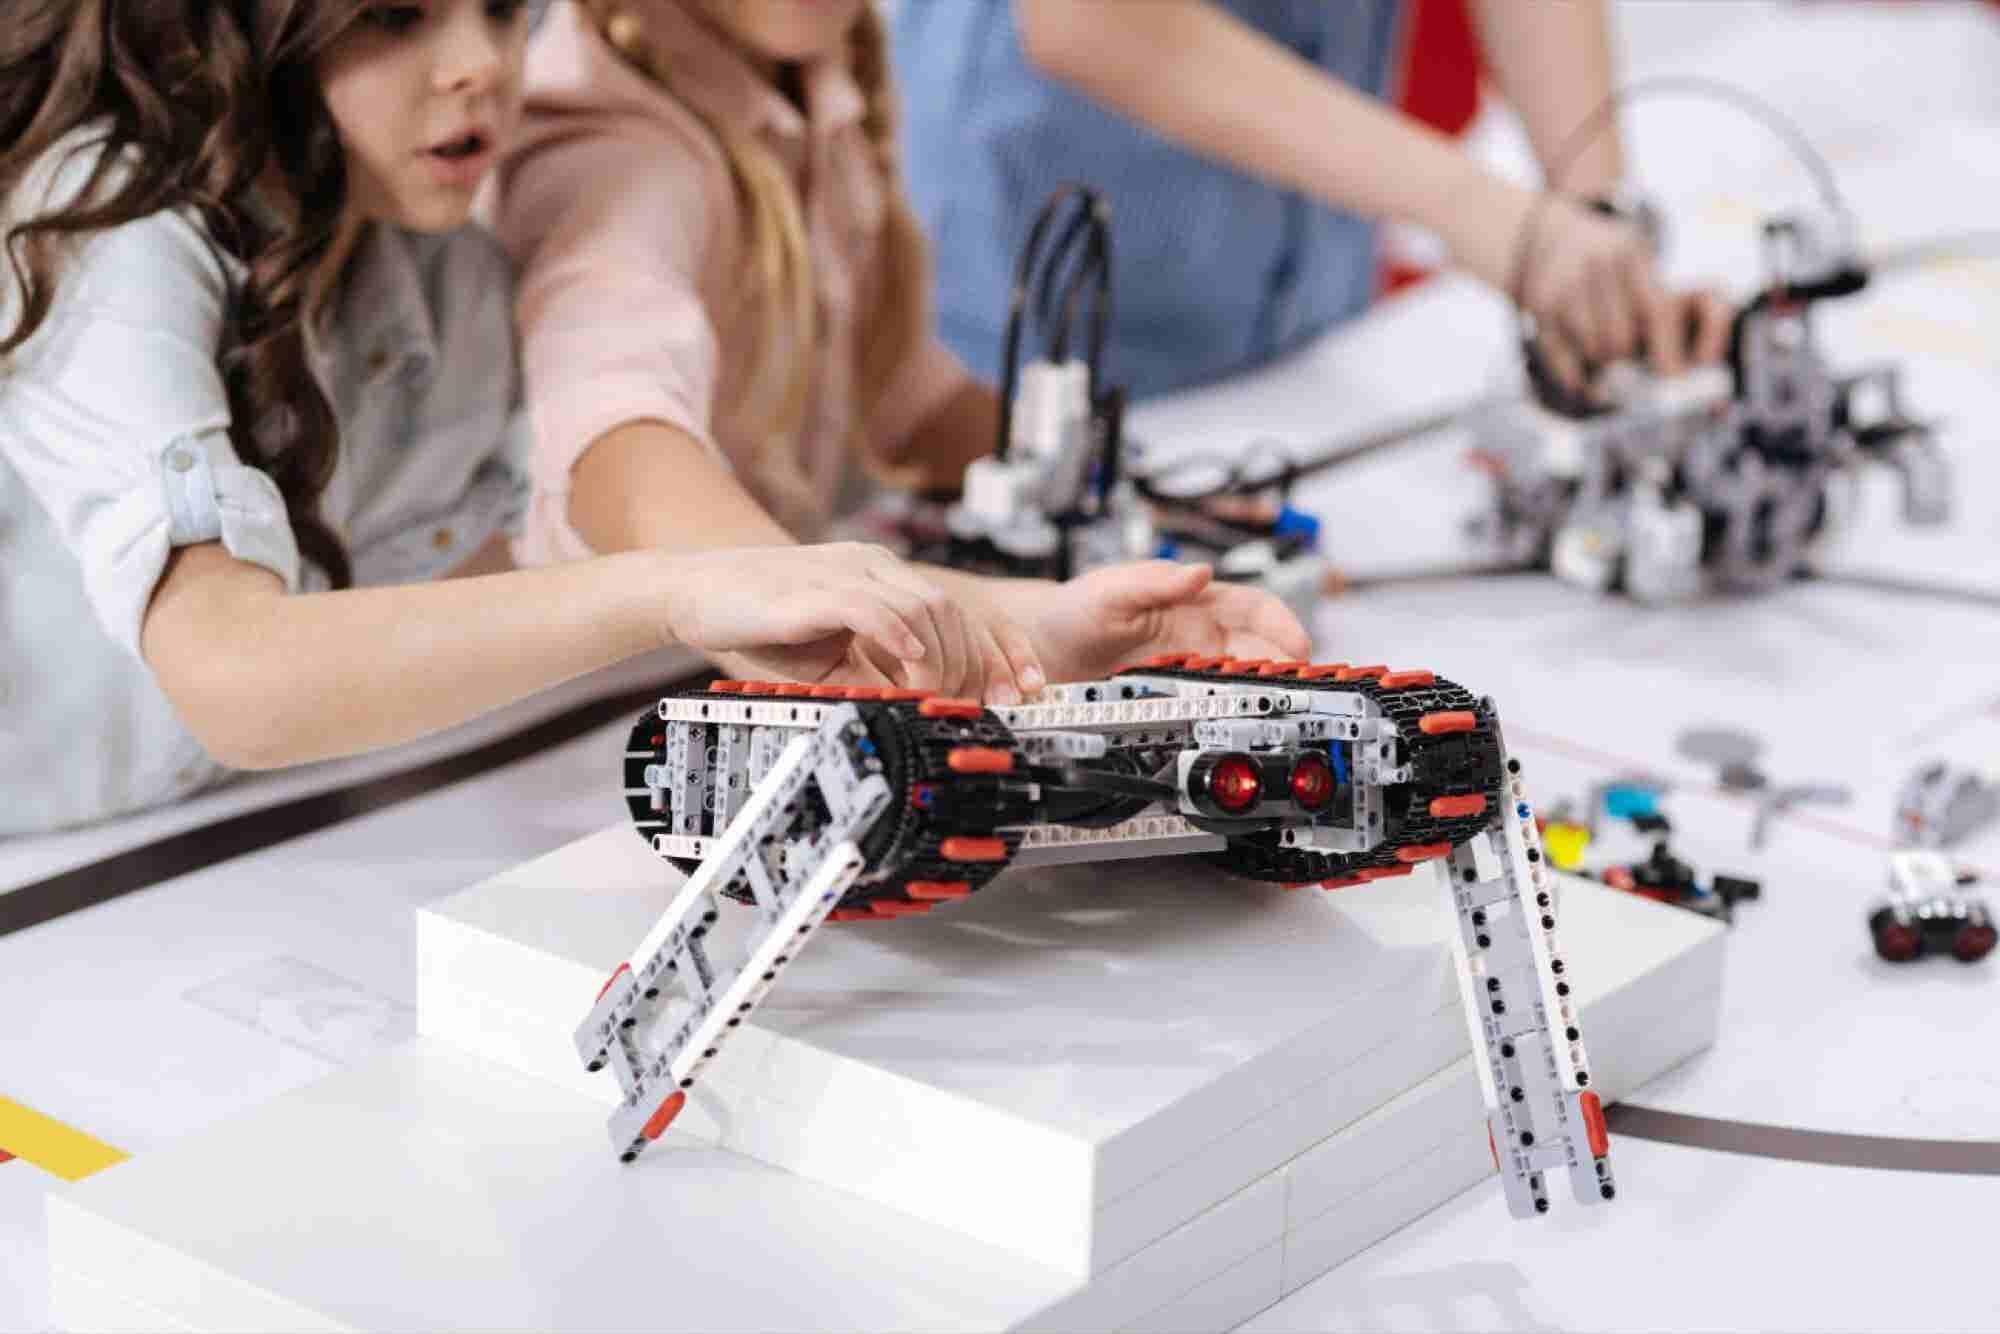 La mayor competencia de robótica para niños en Latinoamérica comienza...